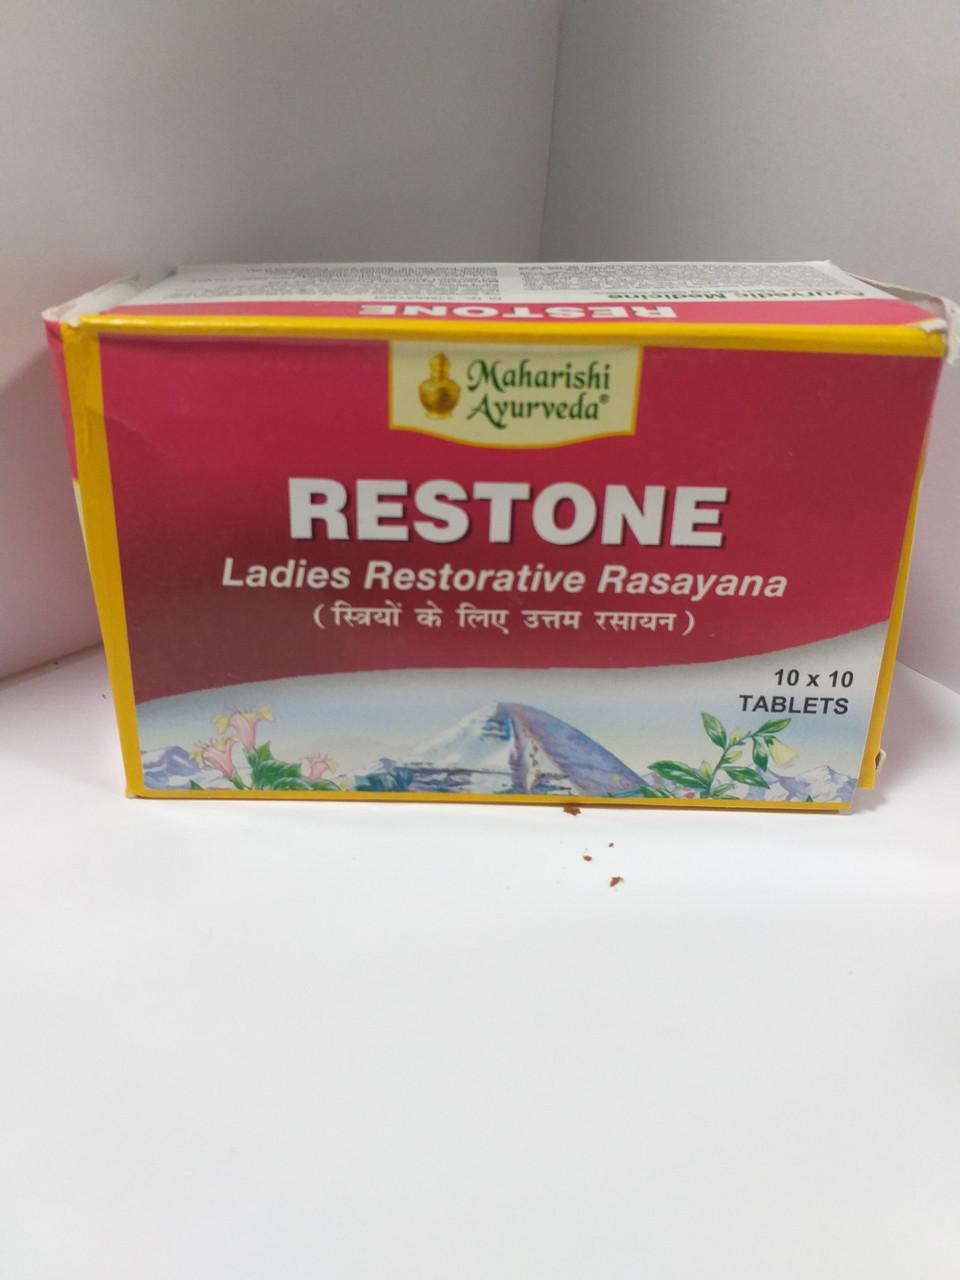 Рестон, 100 таблеток, Махариши Аюрведа, Restone, Maharishi Ayurveda, женский тоник